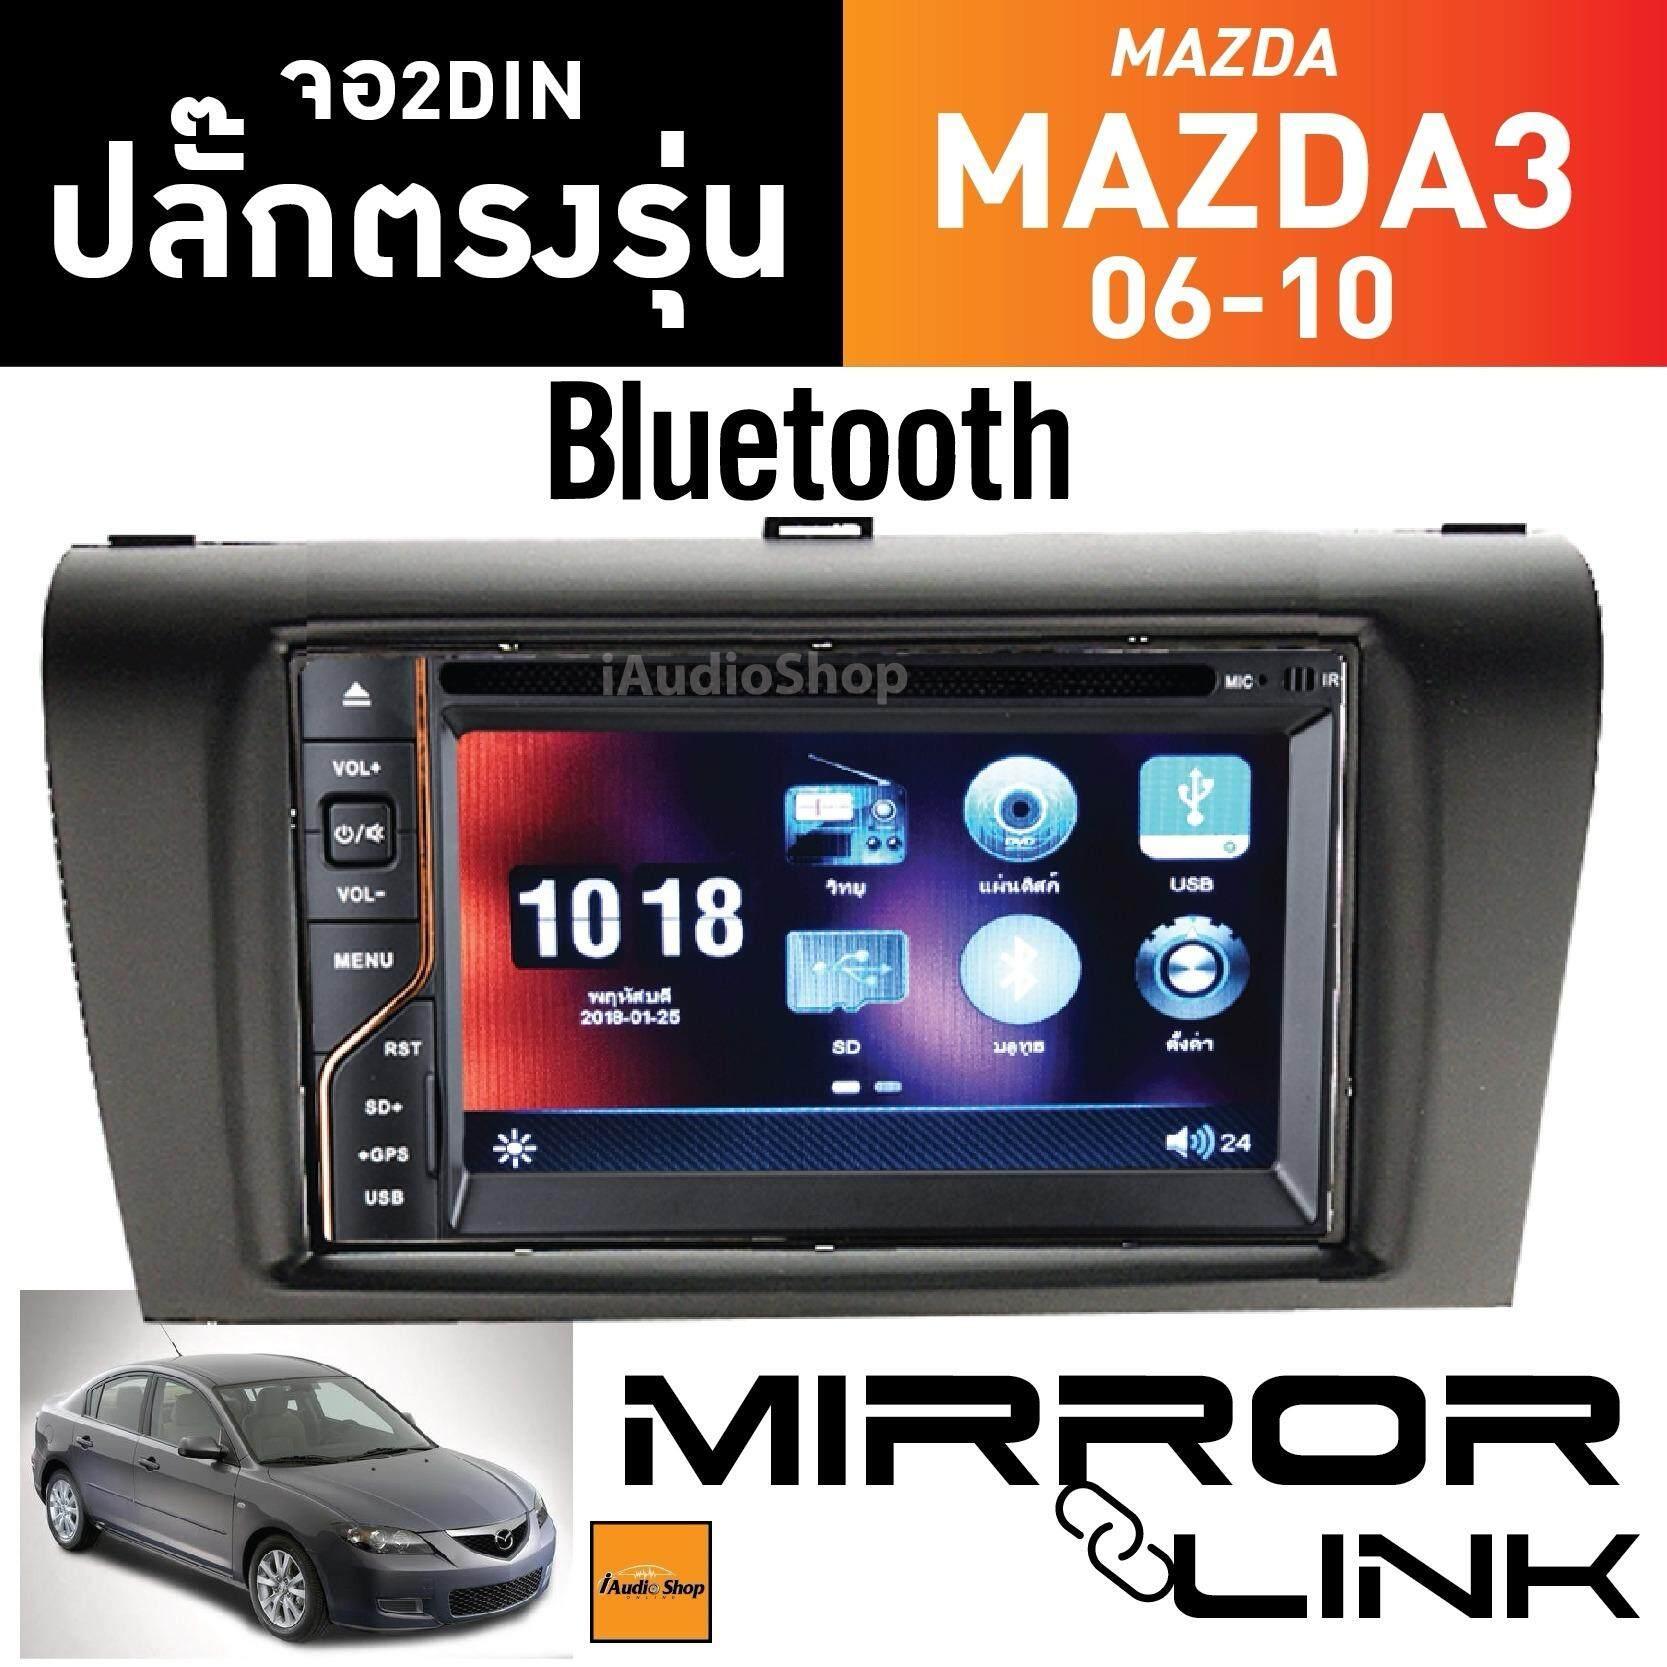 ซื้อ Black Magic ปลั๊กตรงรุ่น ระบบมิลเลอร์ลิงค์ วิทยุติดรถยนต์ จอติดรถยนต์ จอ2Din จอตรงรุ่น วิทยุตรงรุ่น Bmg 6517 Mirror Link พร้อมหน้ากากตรงรุ่น มาสด้า3 Mazda3 06 10 ปลั๊กตรงรุ่นไม่ต้องตัดต่อสายไฟ ใหม่ล่าสุด